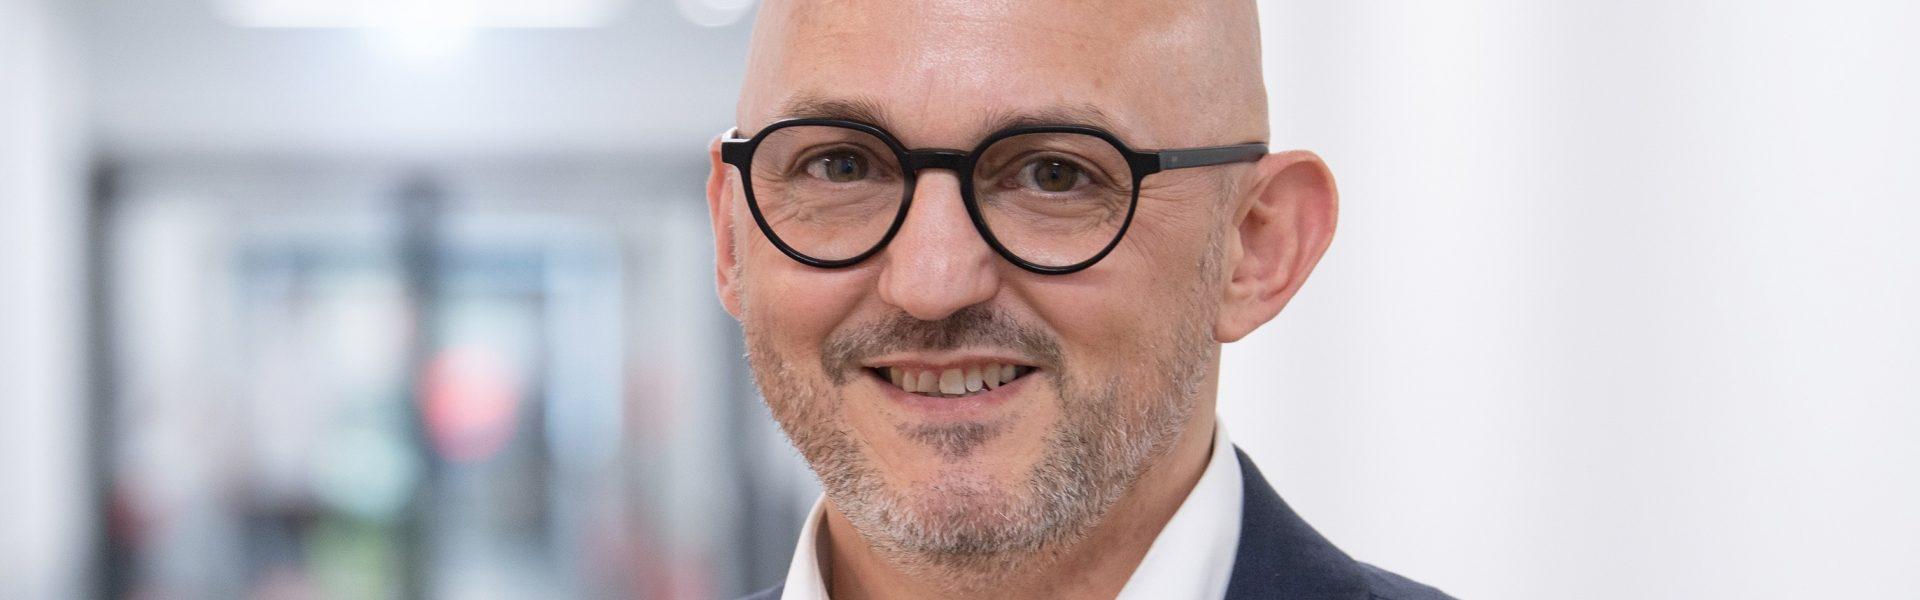 Header Bild Michele Tarquinio Espadas ist neuer Pflegedirektor des Klinikums Darmstadt